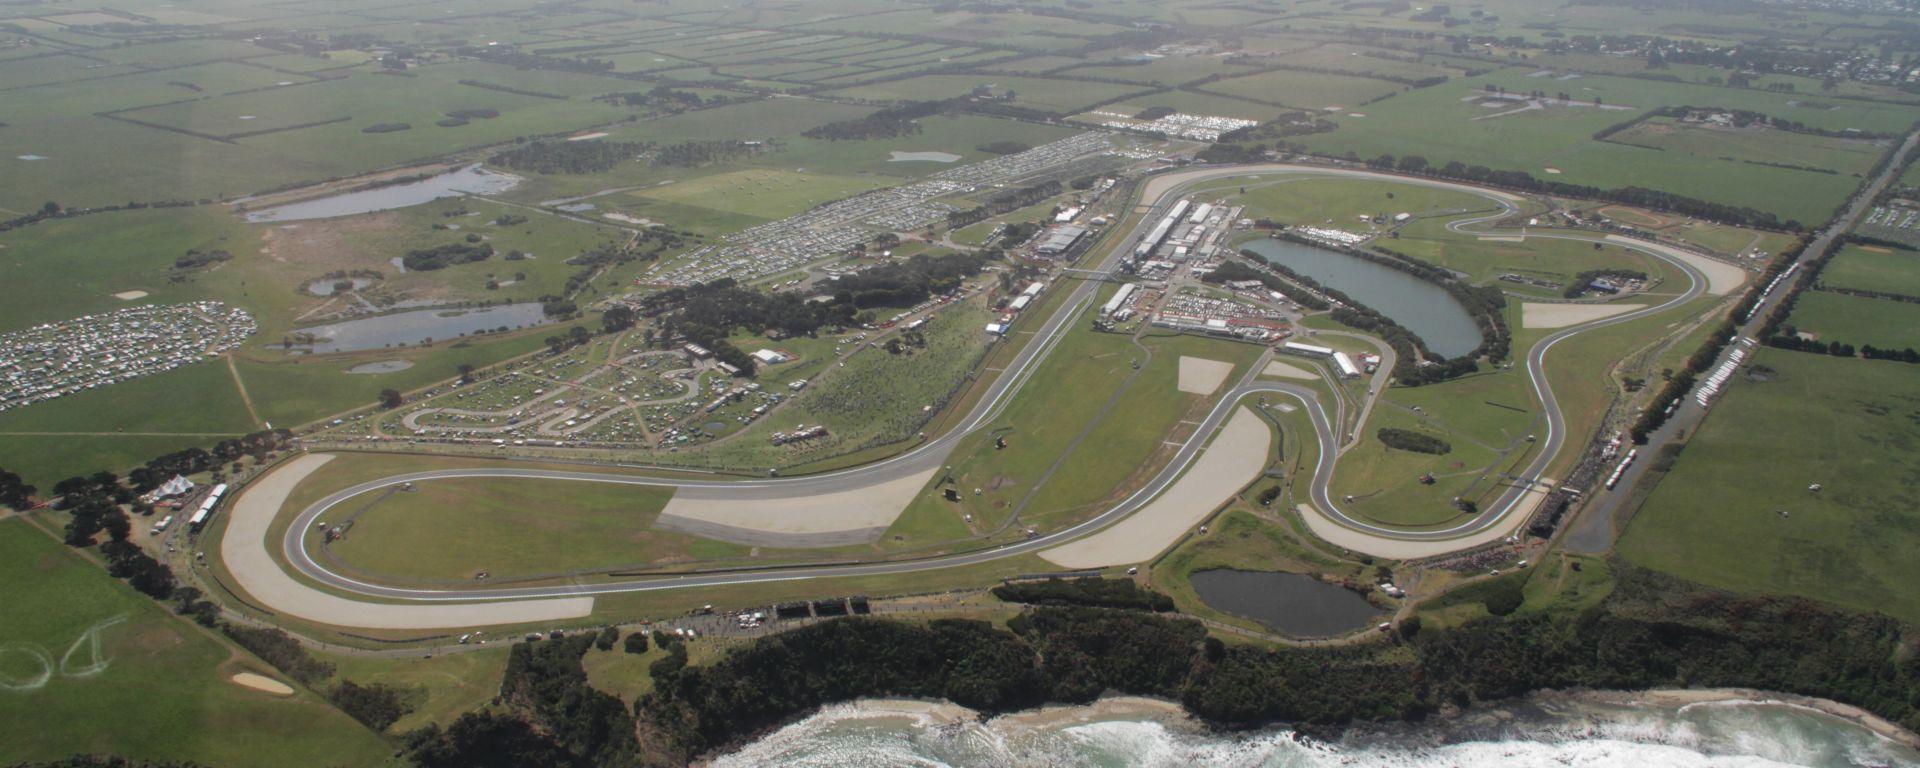 MotoGP Phillip Island 2016: gli orari della diretta TV del GP in Australia, libere, qualifiche e gara